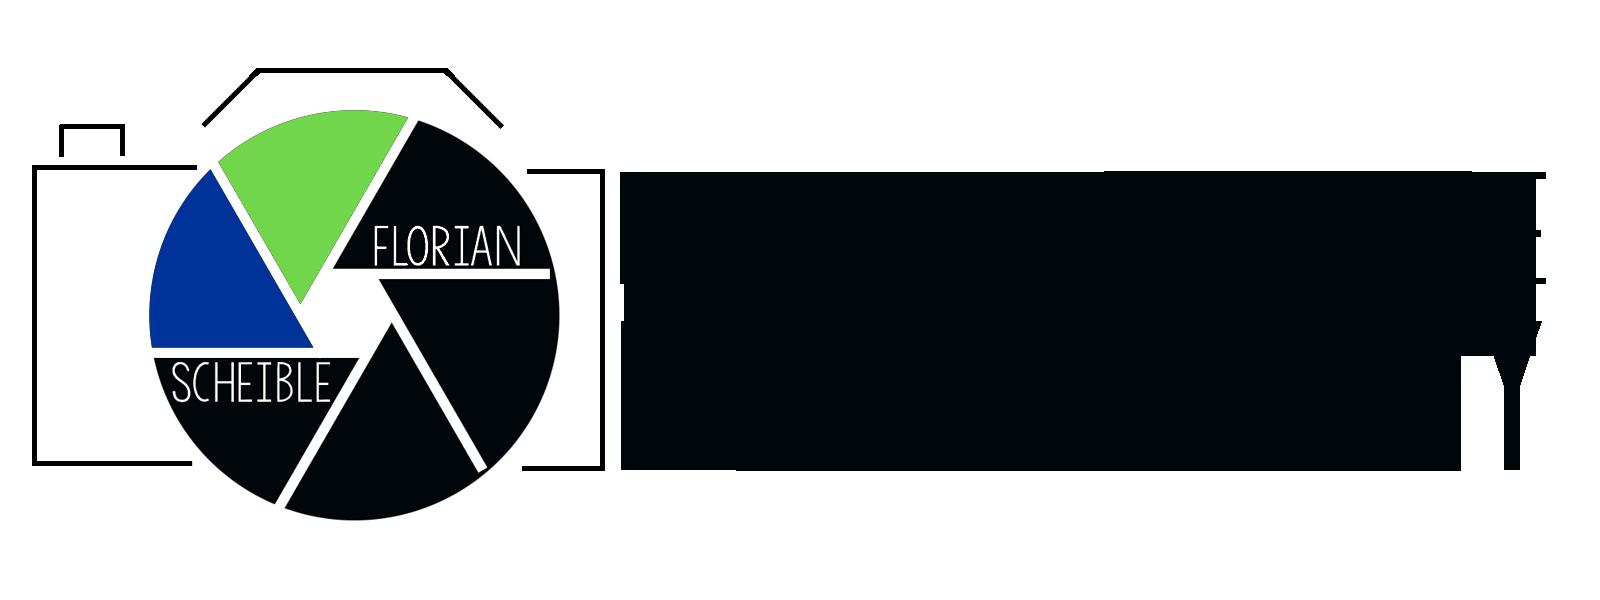 Florian Scheible Photography